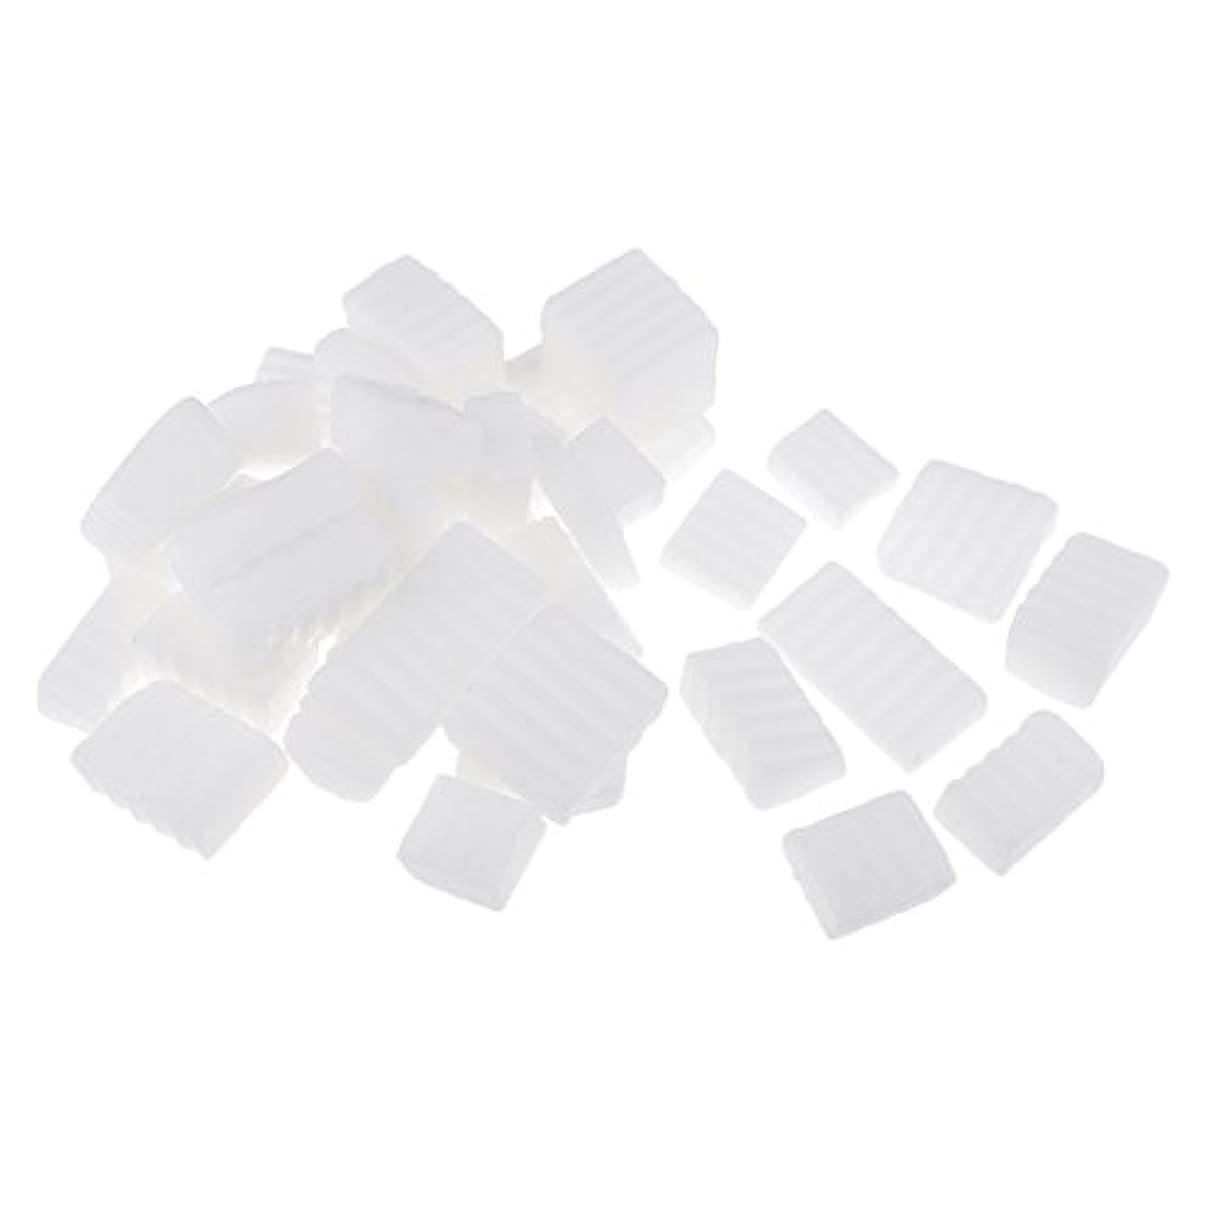 分子貫通する序文石鹸ベース DIY 手作り 石鹸 原料 1 KG 白い 手作り バス用品